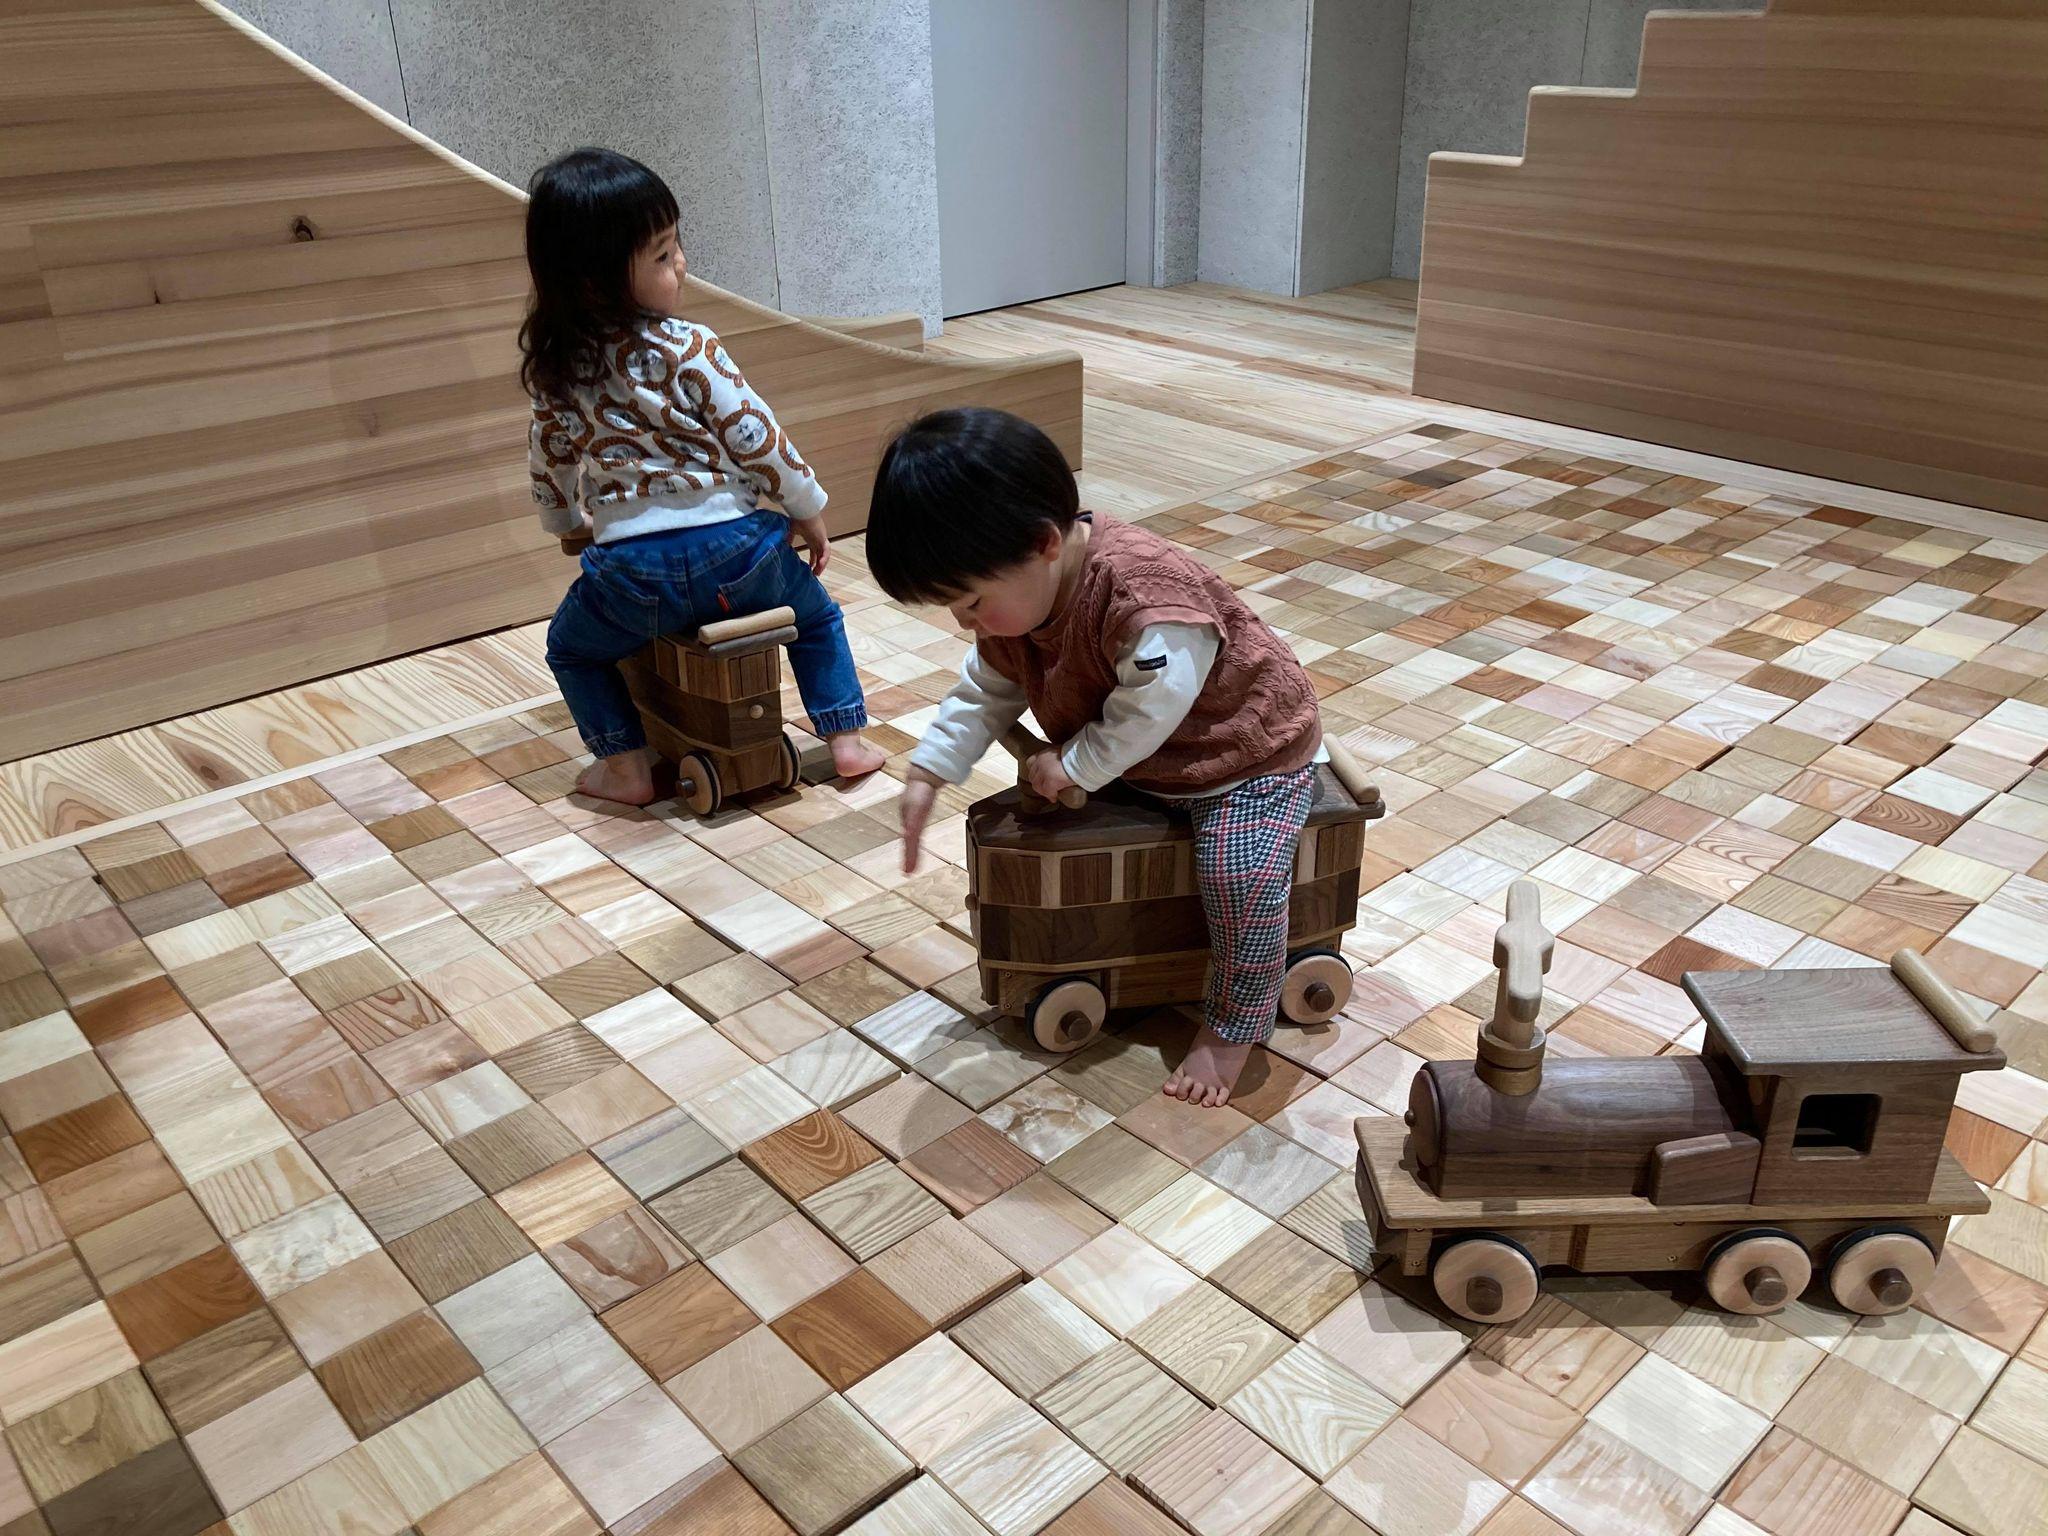 花巻おもちゃ美術館の馬面電車で遊ぶ子供